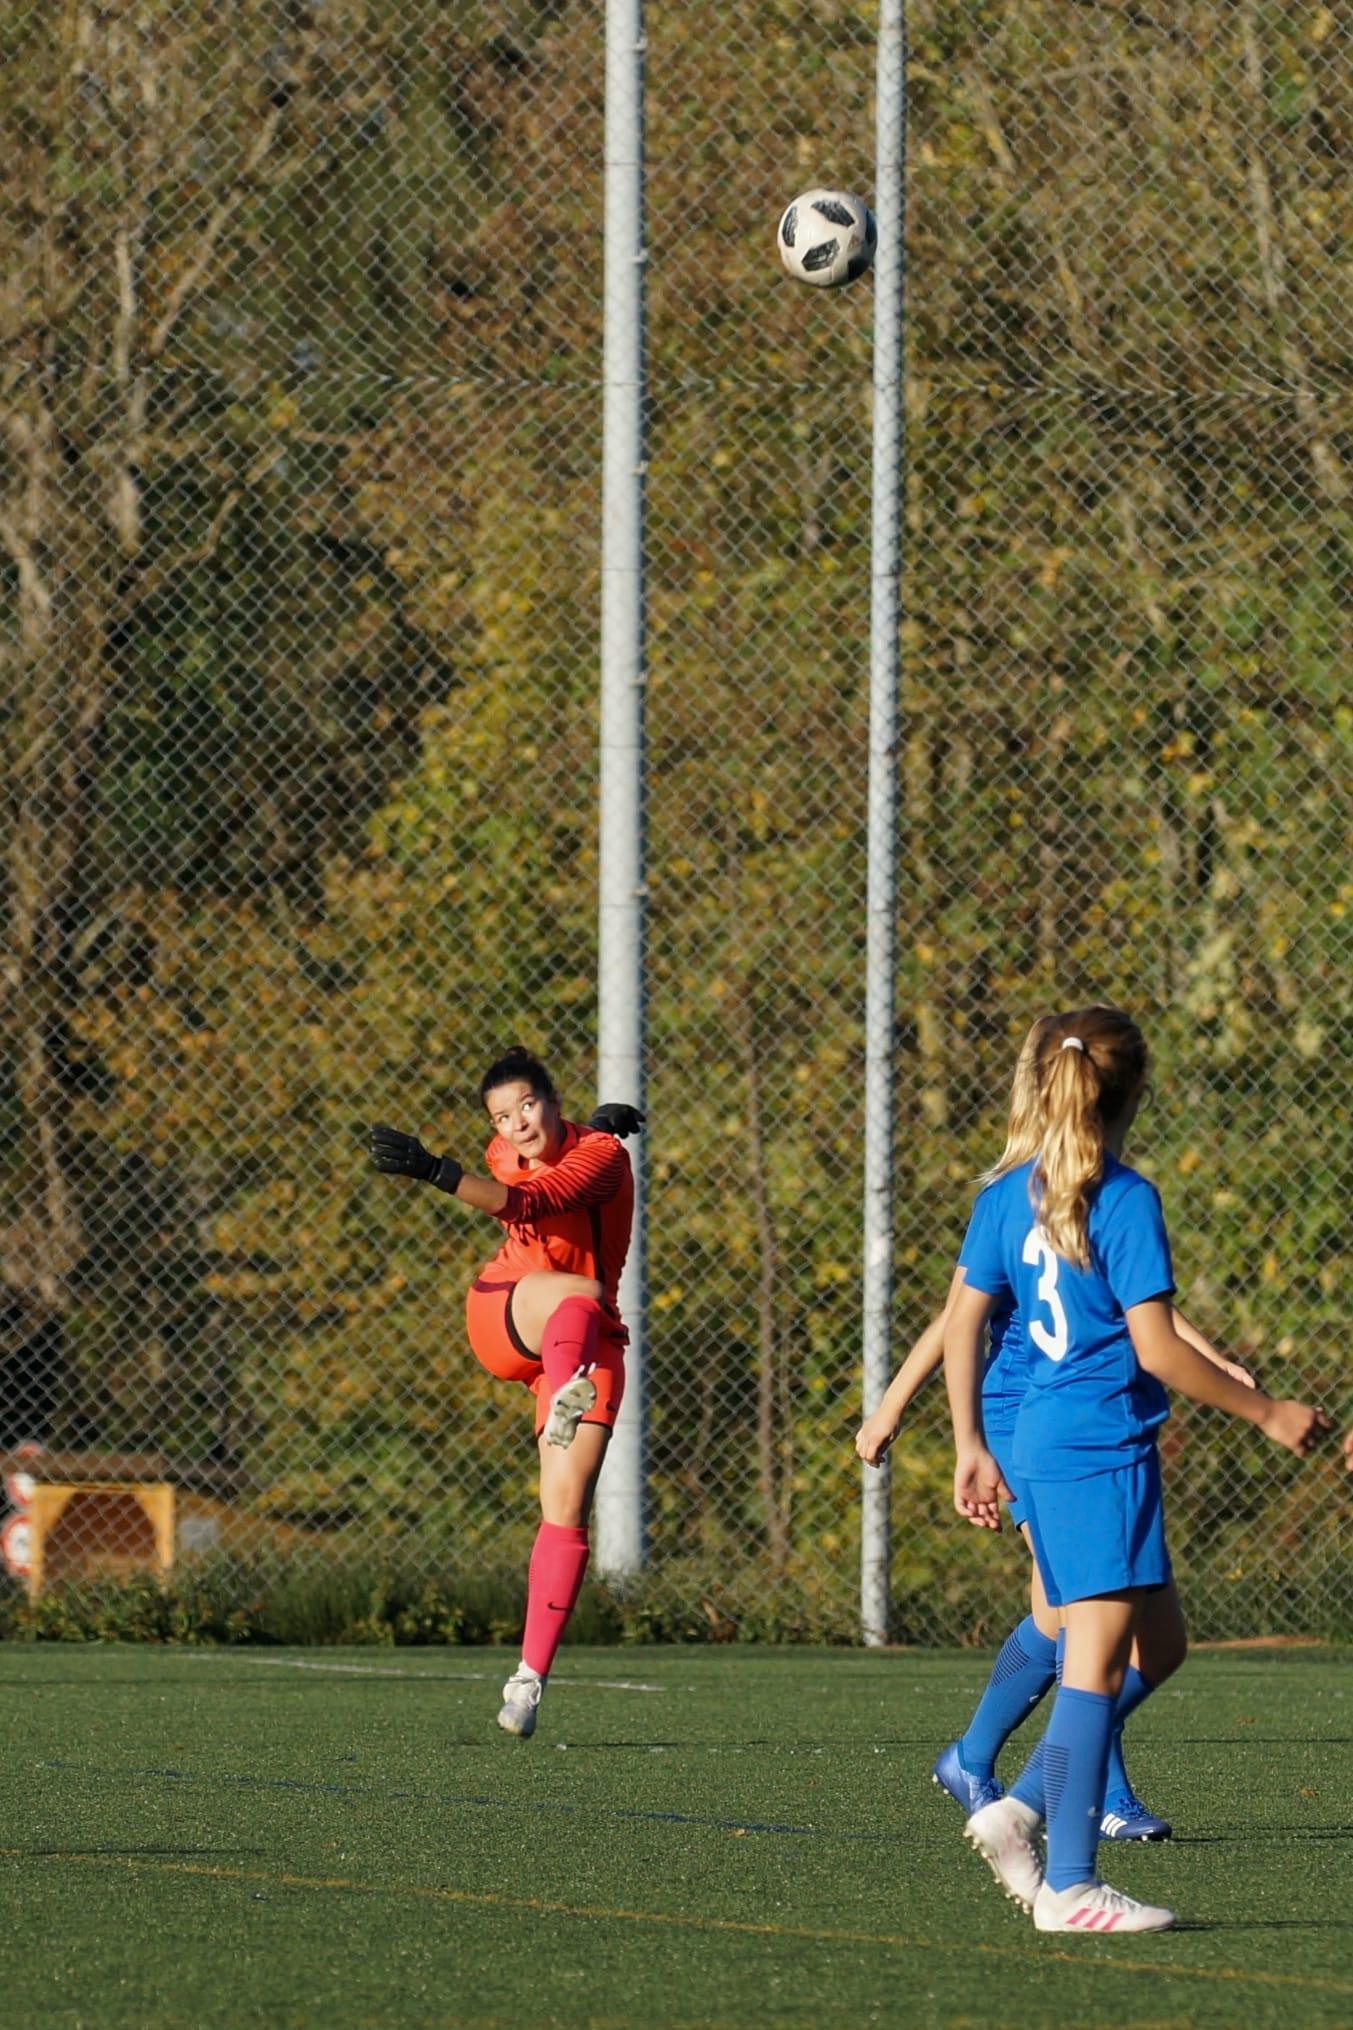 U17: Team Entlebuch-FCL 26-10-2019